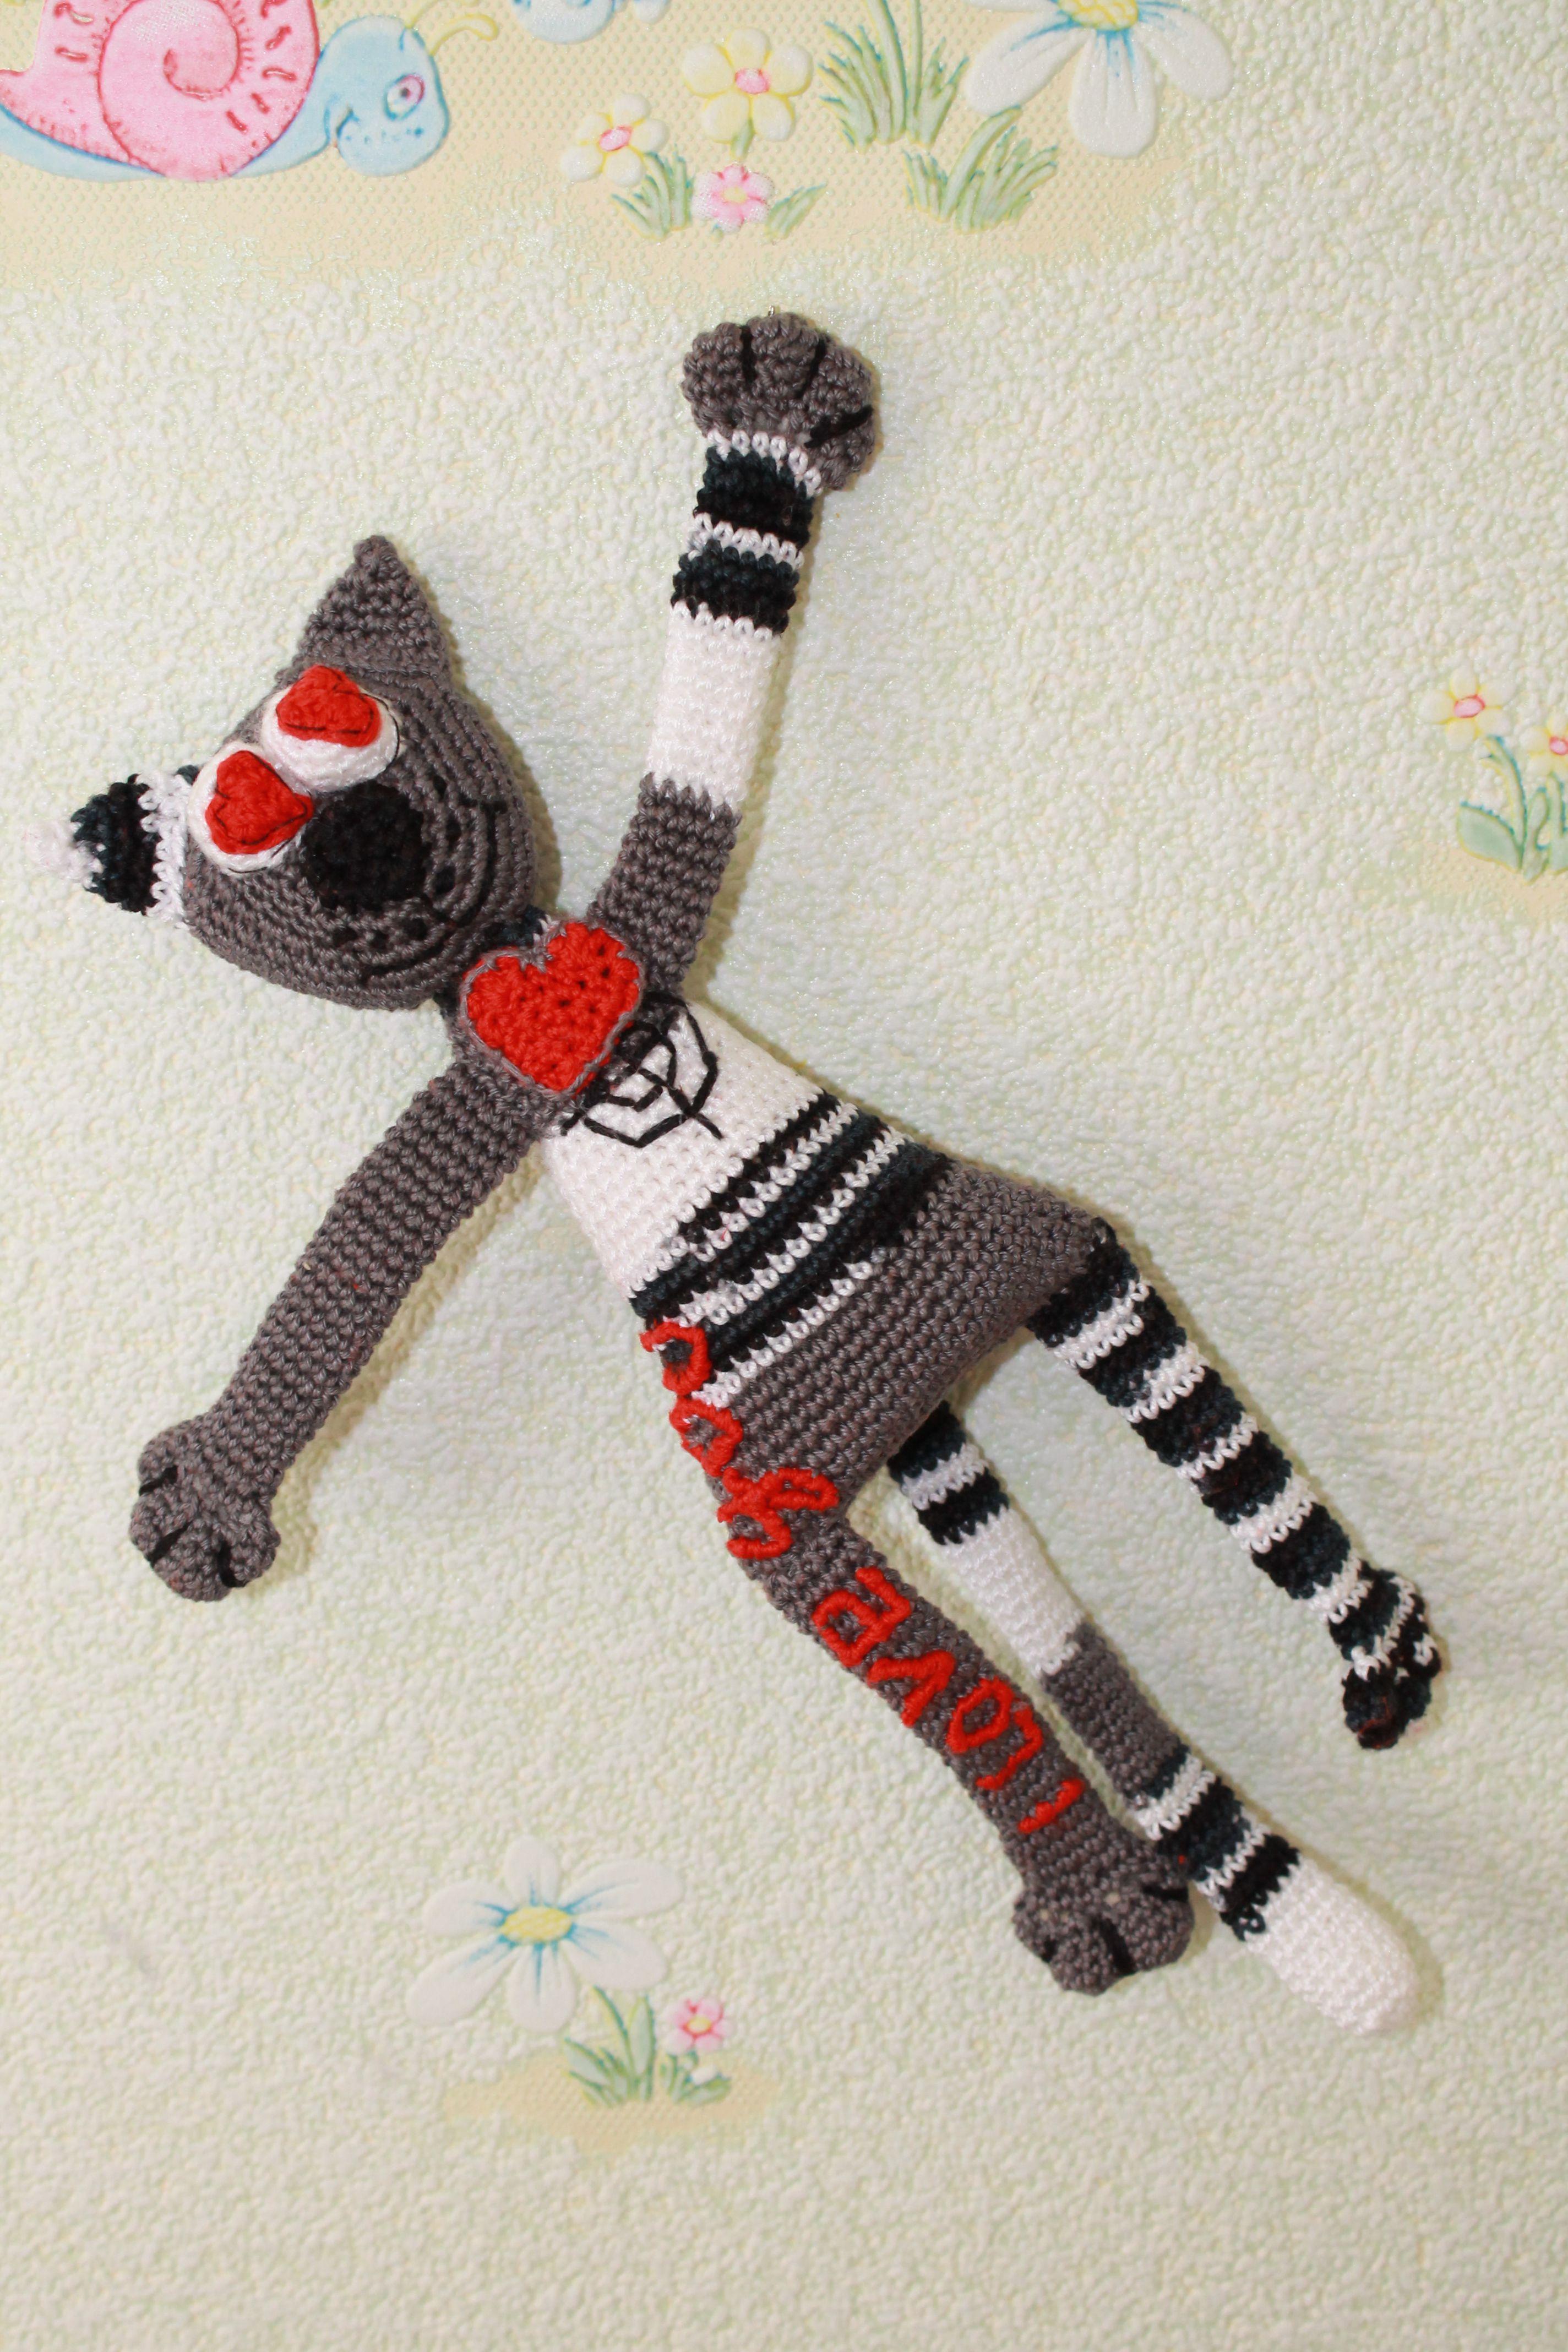 handmade gift cat knitted